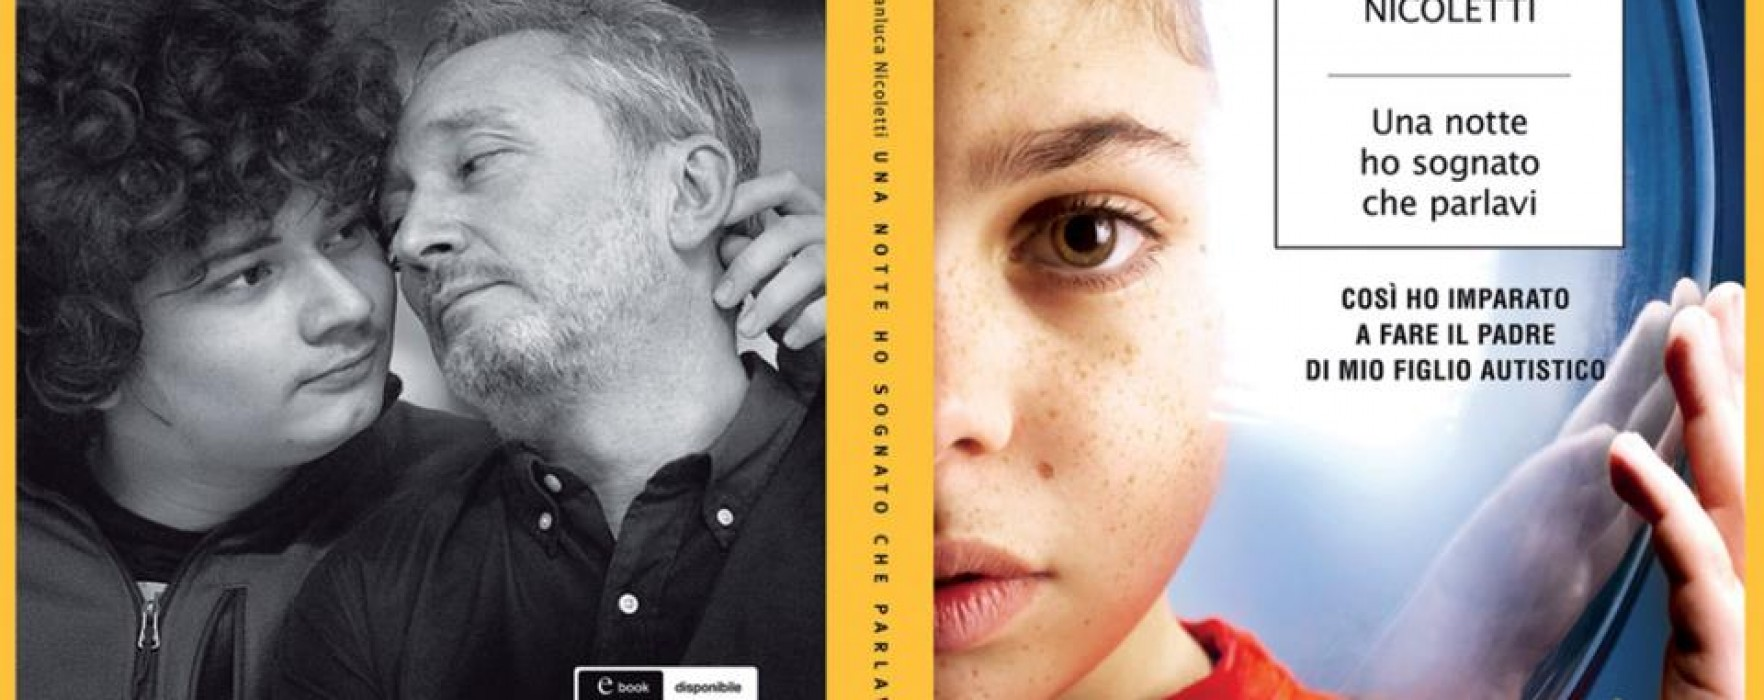 """Gianluca Nicoletti, """"Dobbiamo trasmettere felicità ai nostri figli autistici""""."""